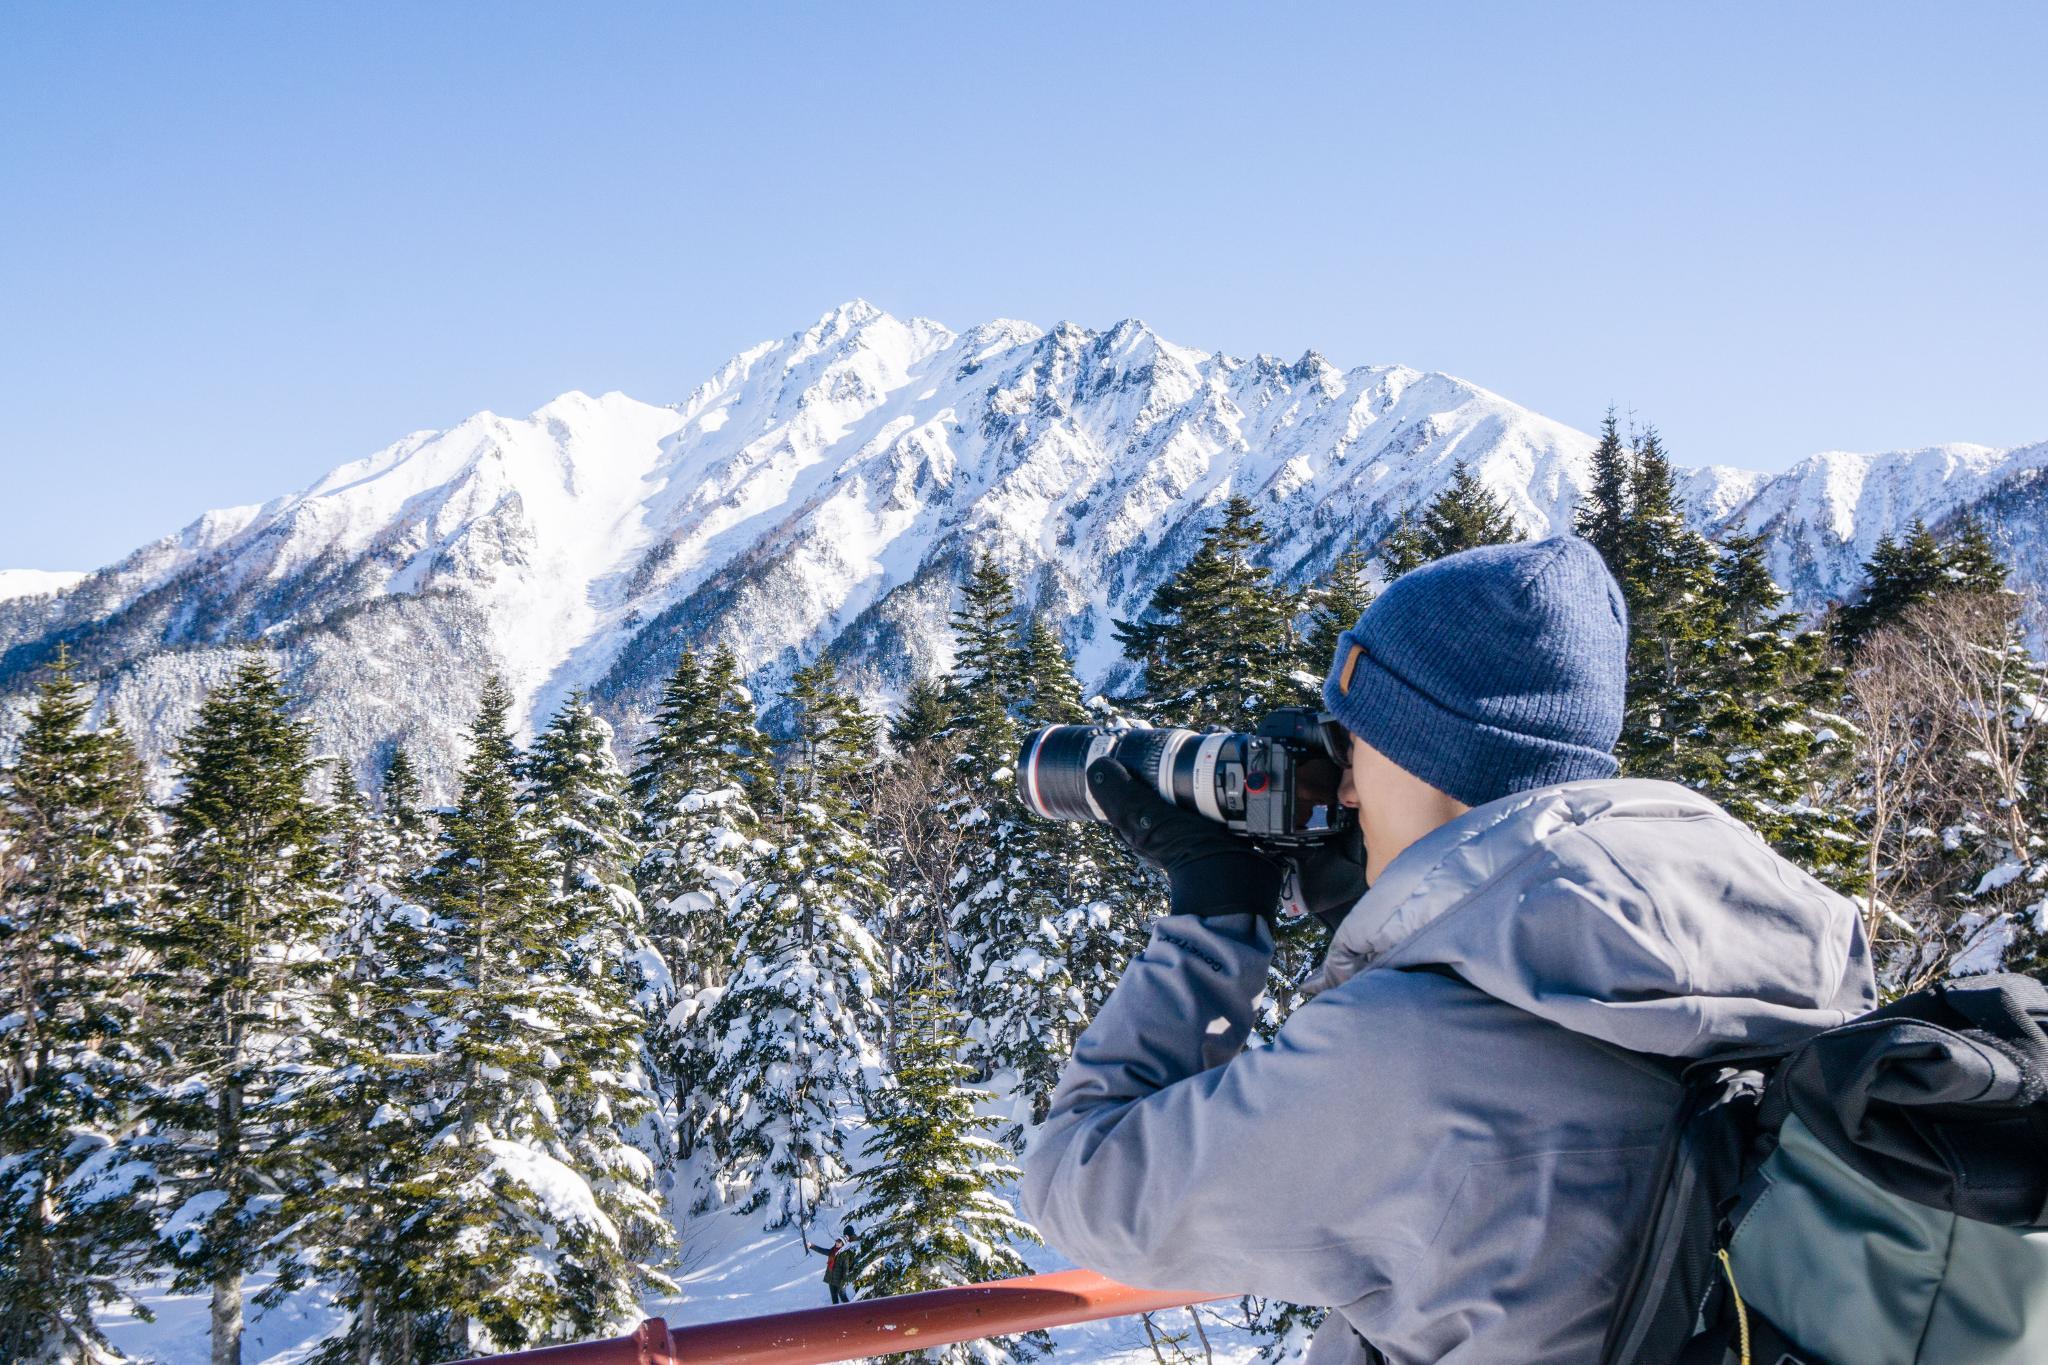 【岐阜】超級推薦!奧飛驒溫泉鄉的冬季戀歌 ~ 新穗高纜車雪景攻略